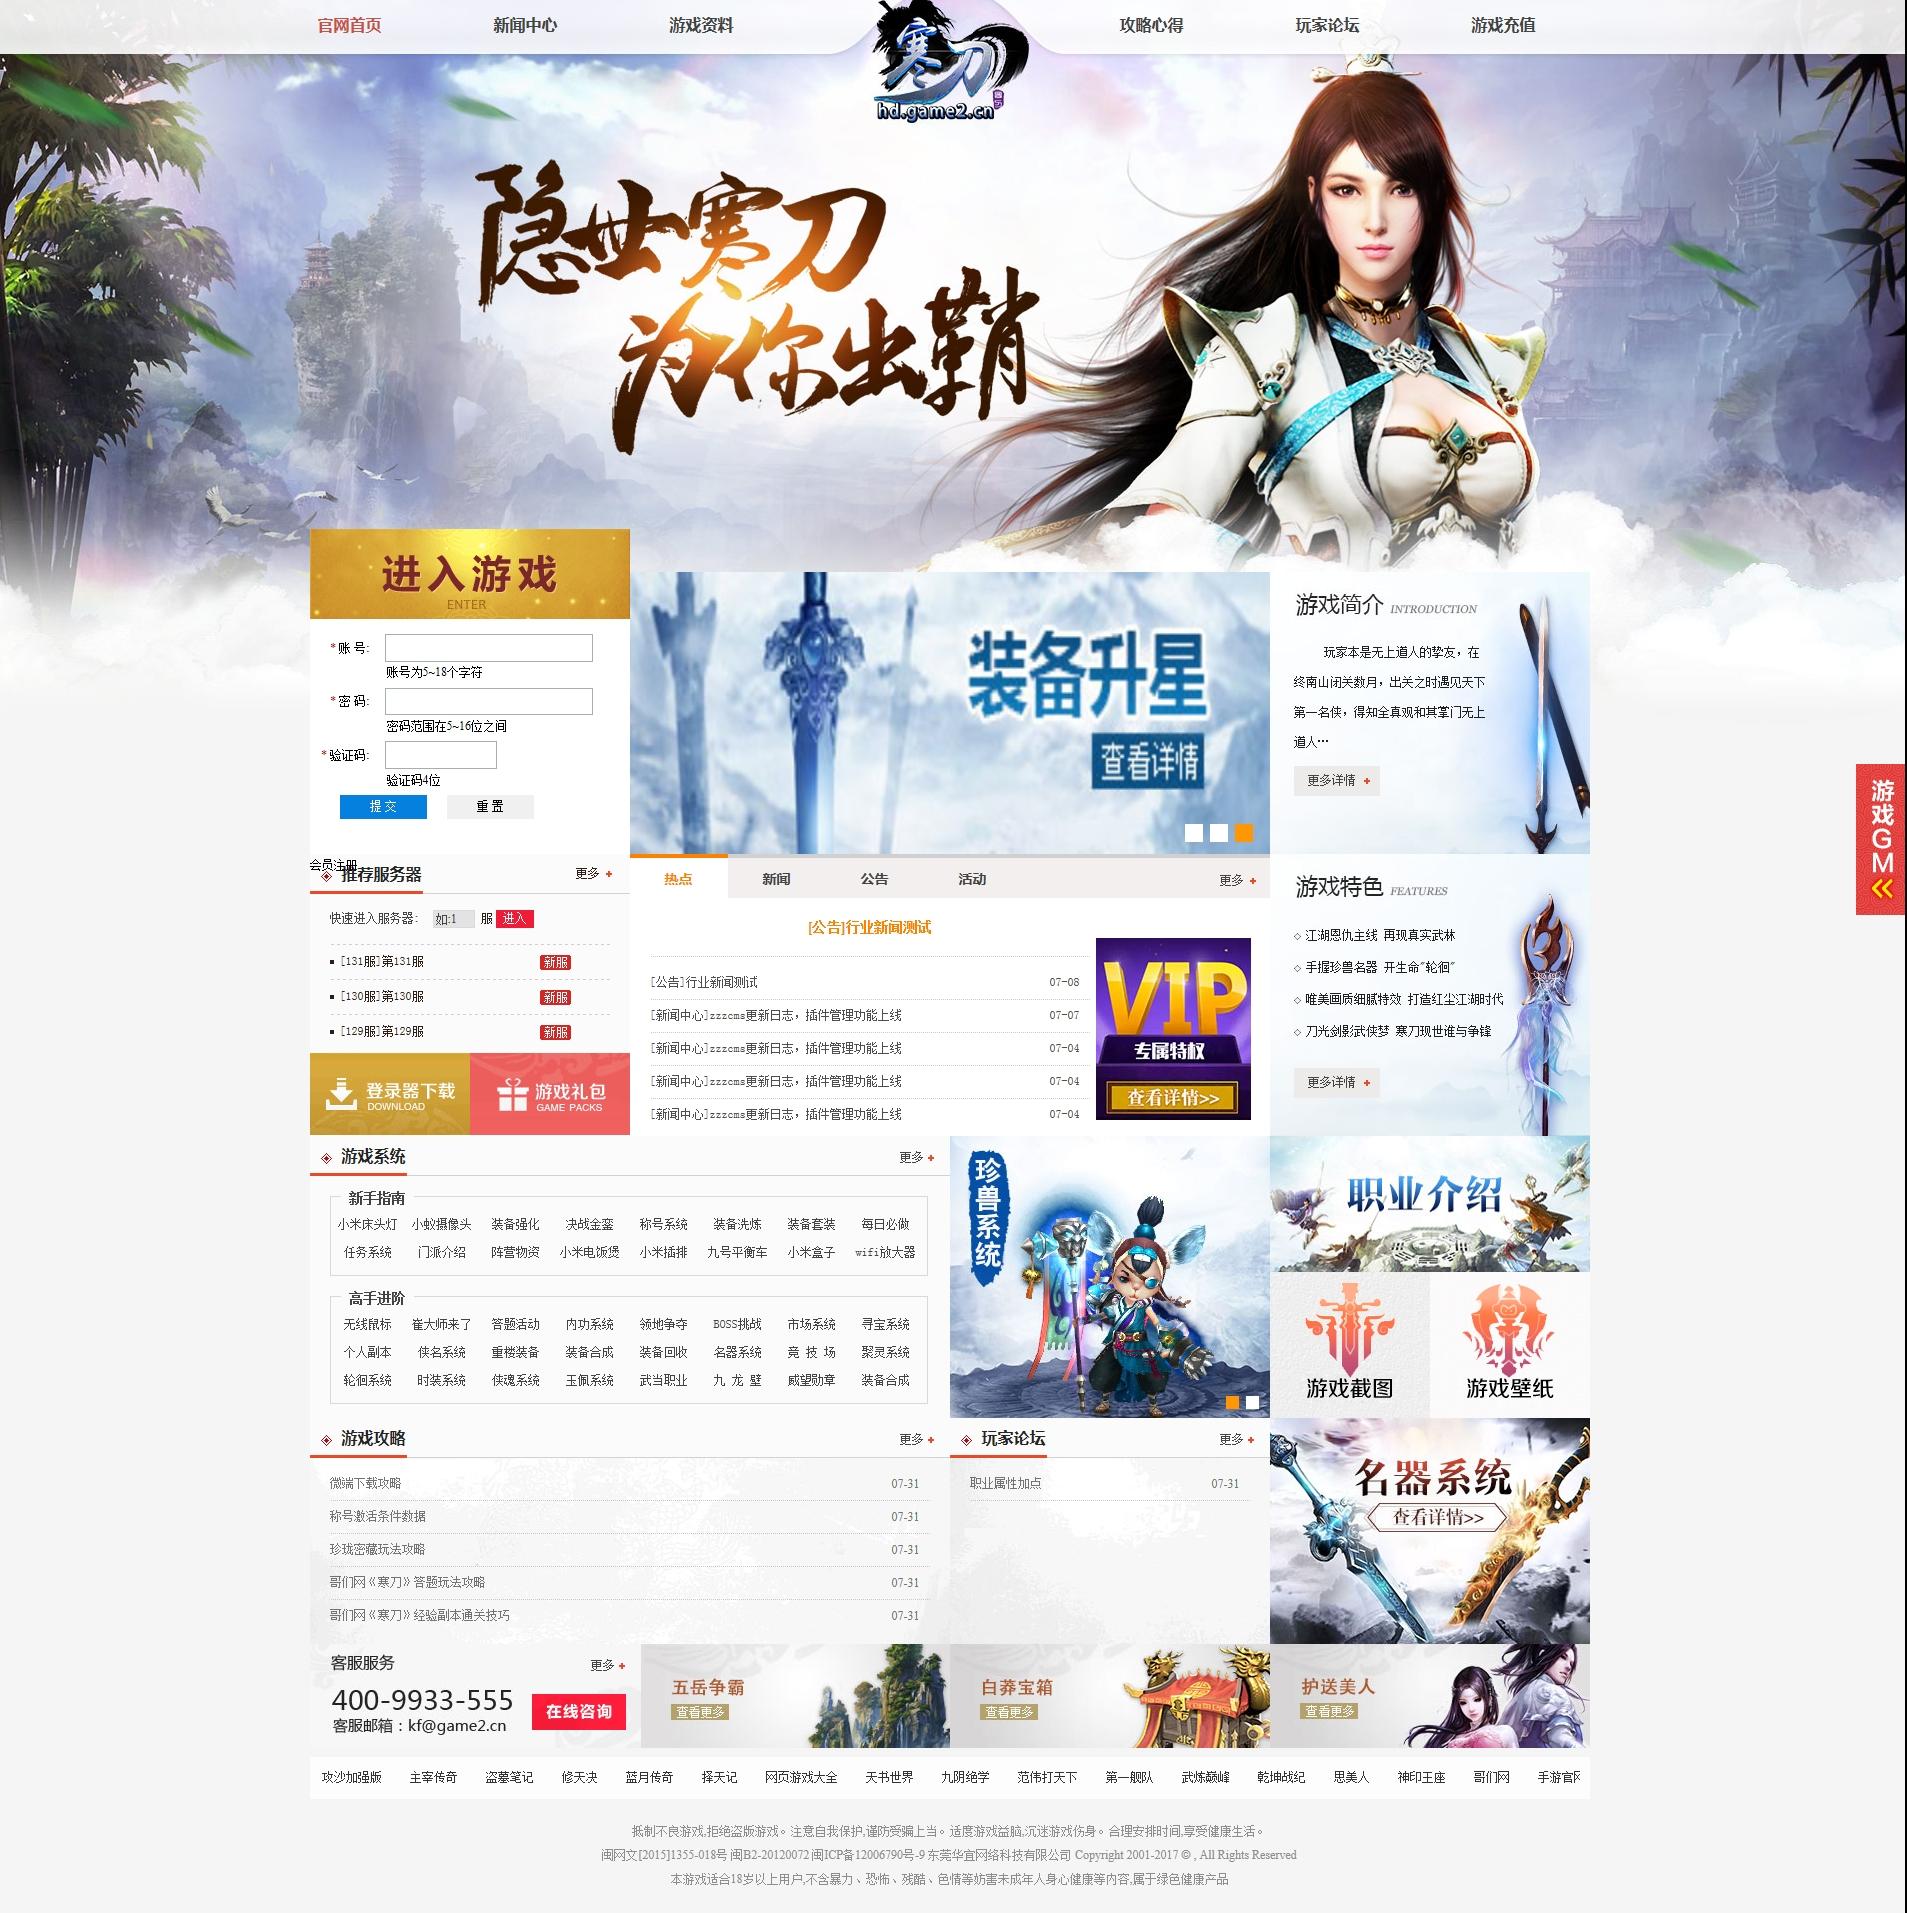 寒刀官网_传奇网站模版源码 传奇世界ASP神途模版带会员